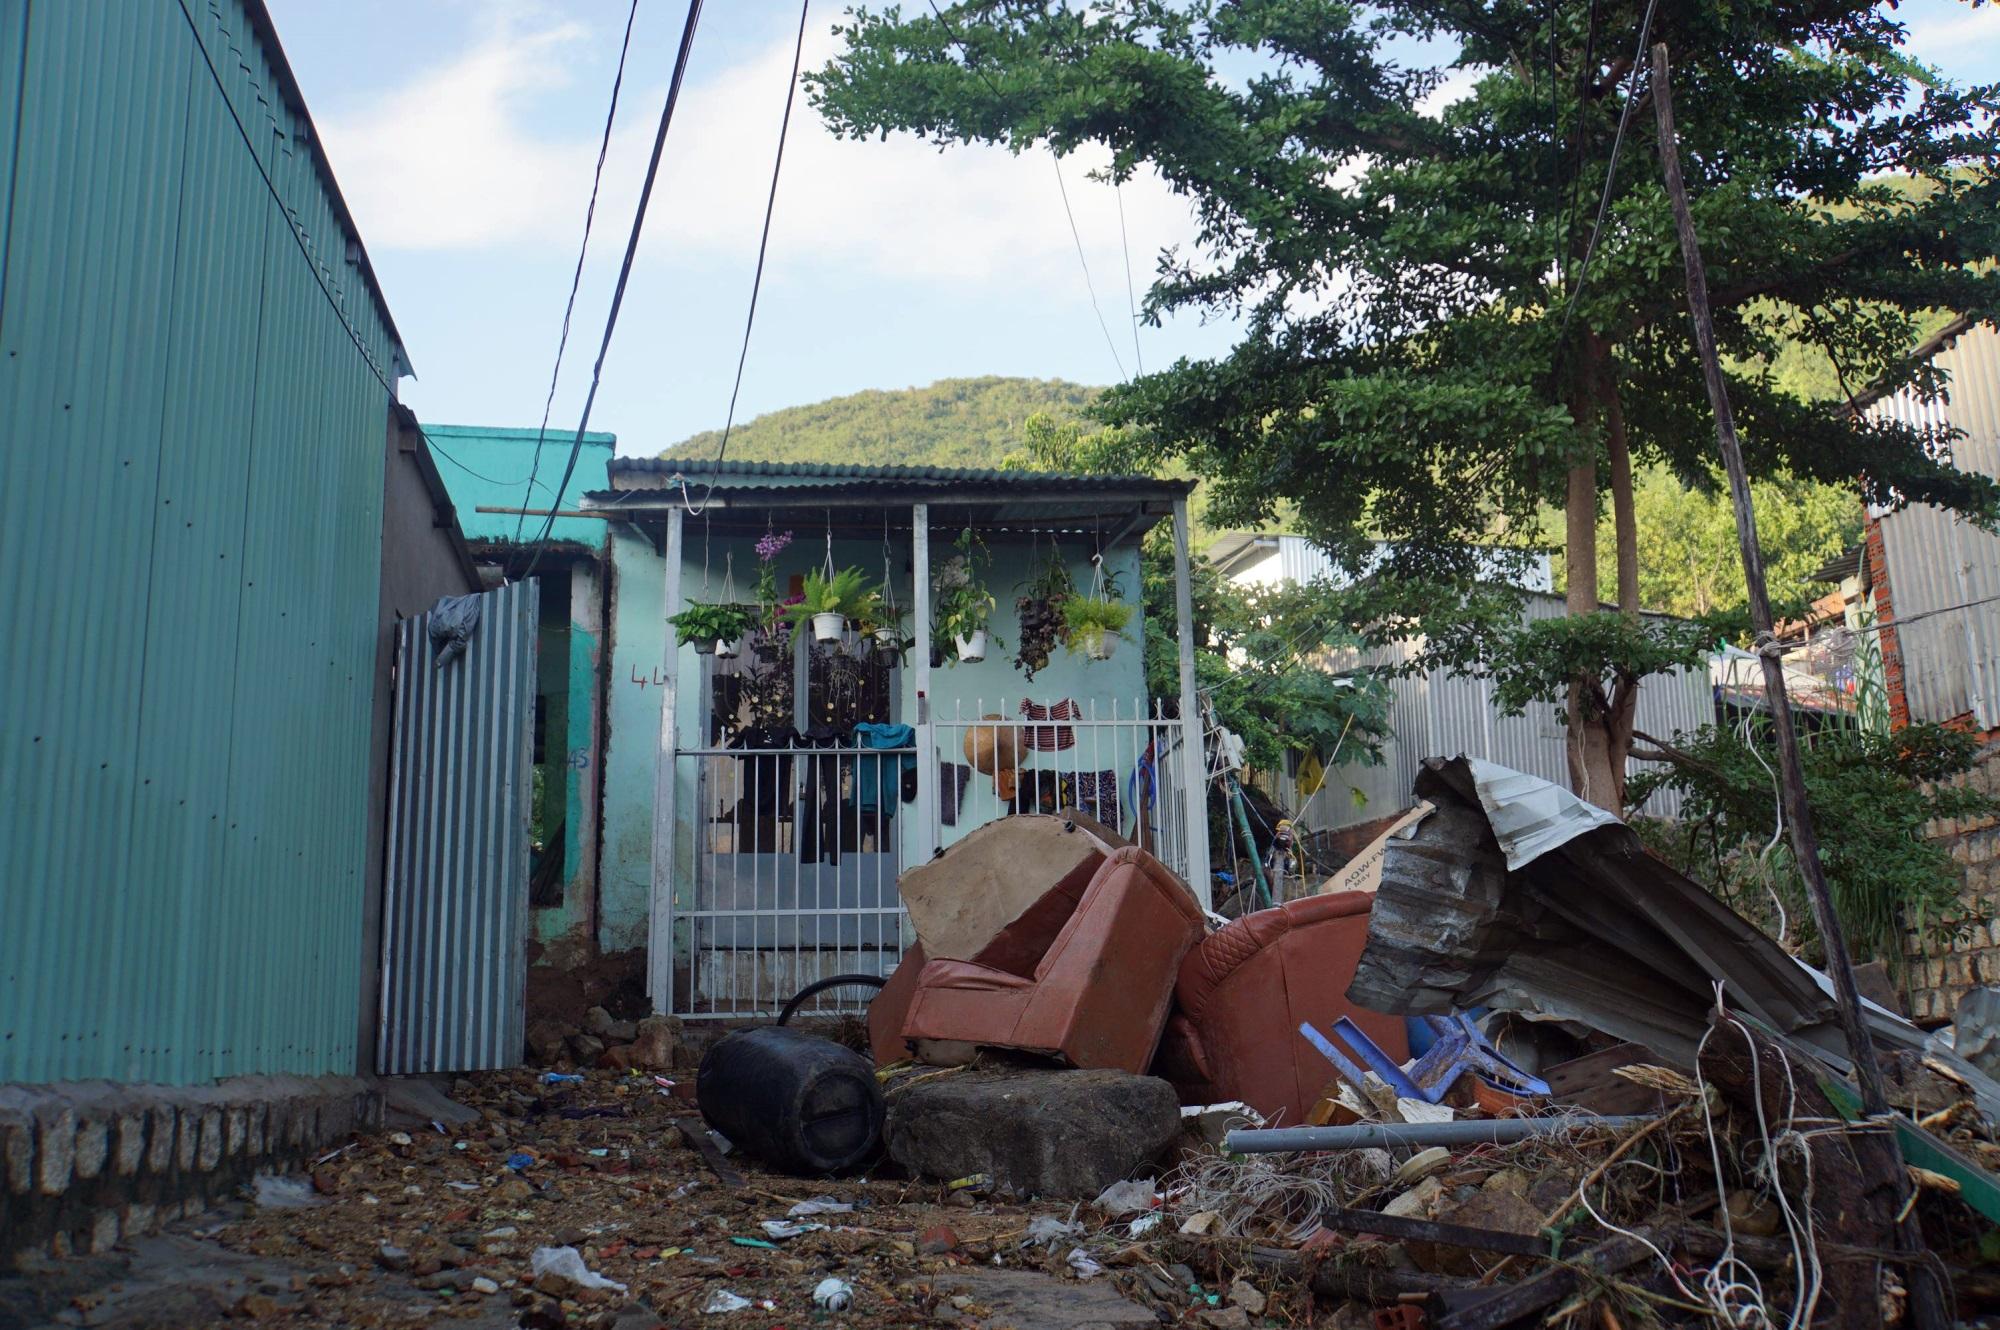 Thôn nghèo tan hoang, 5 người chết và mất tích sau cơn thịnh nộ của thiên nhiên - Ảnh 10